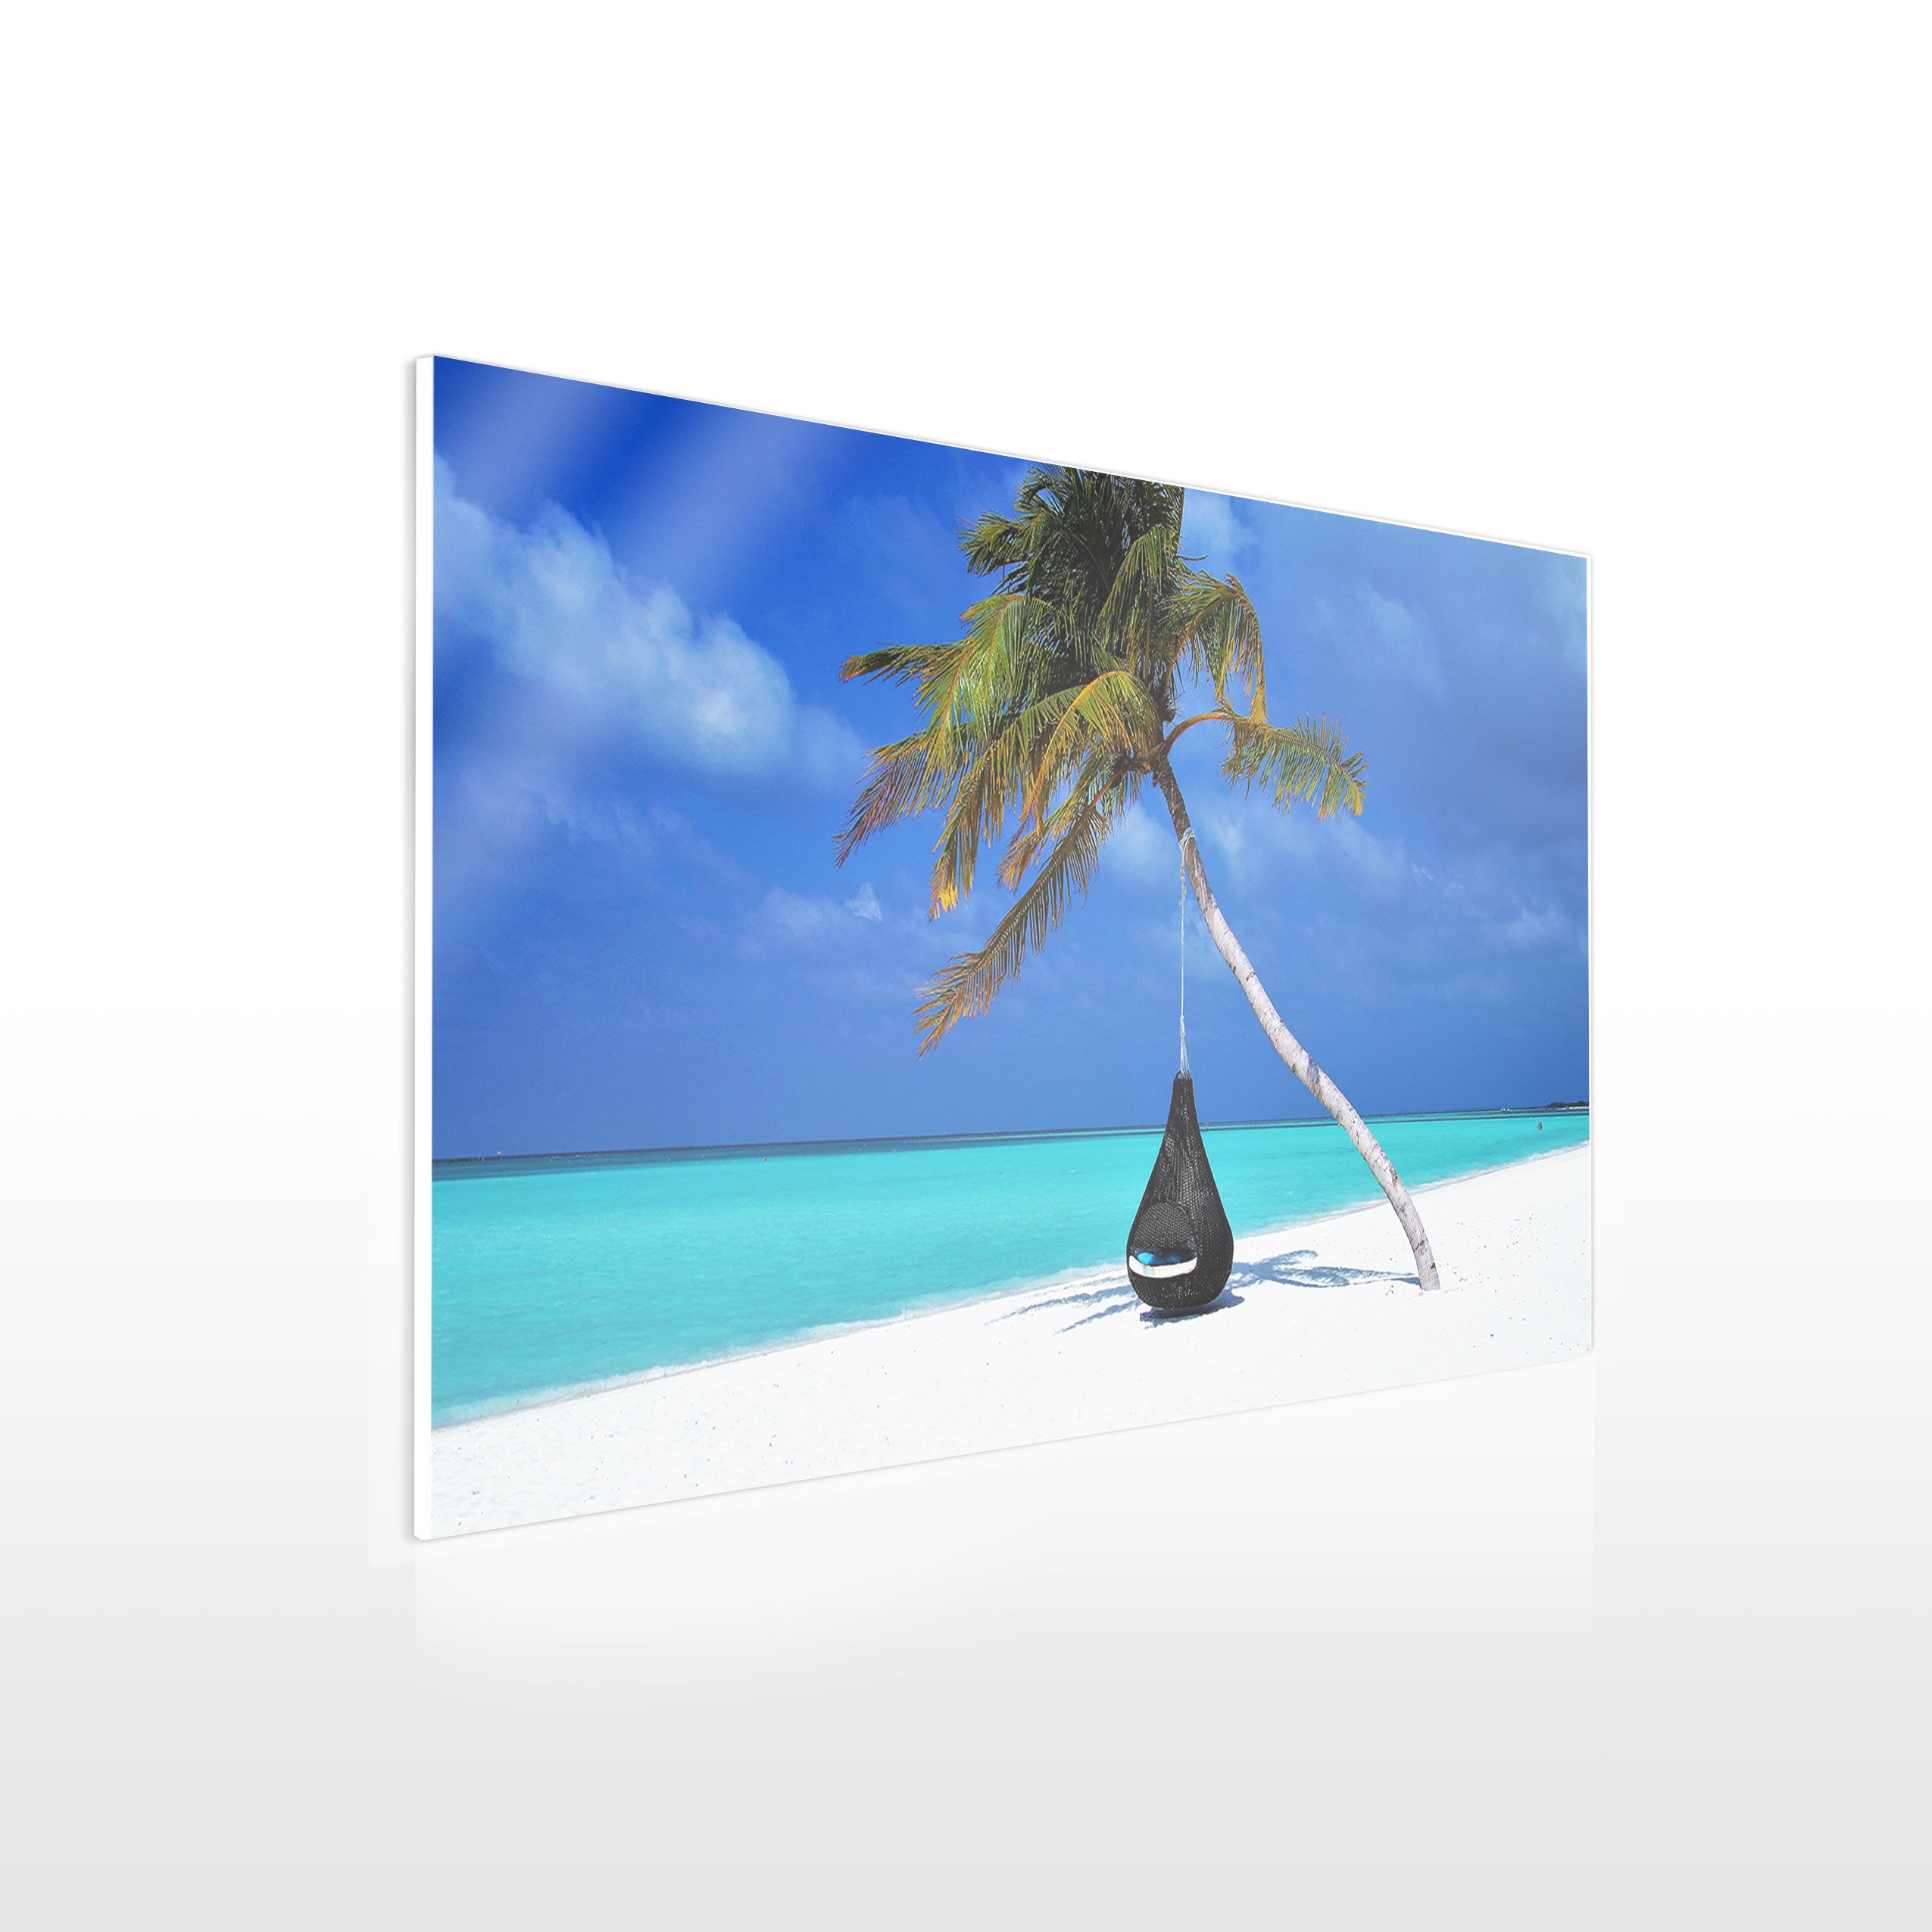 urlaubsbilder auf acryl beispiel strand mit palme 70 x 40 cm werbeschild 24 schilder. Black Bedroom Furniture Sets. Home Design Ideas